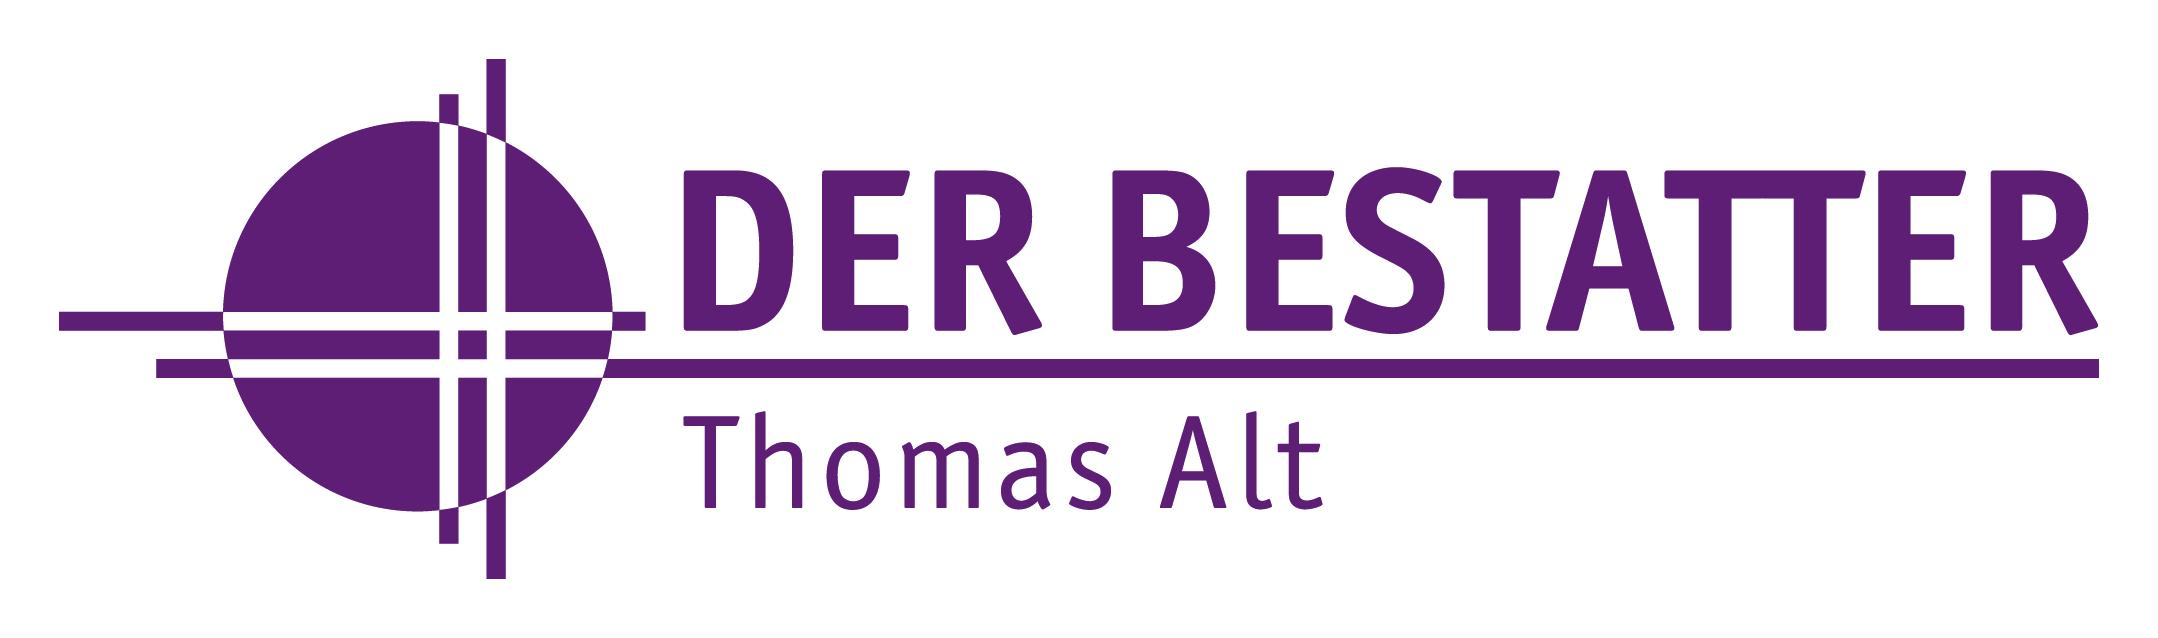 Der Bestatter - Thomas Alt